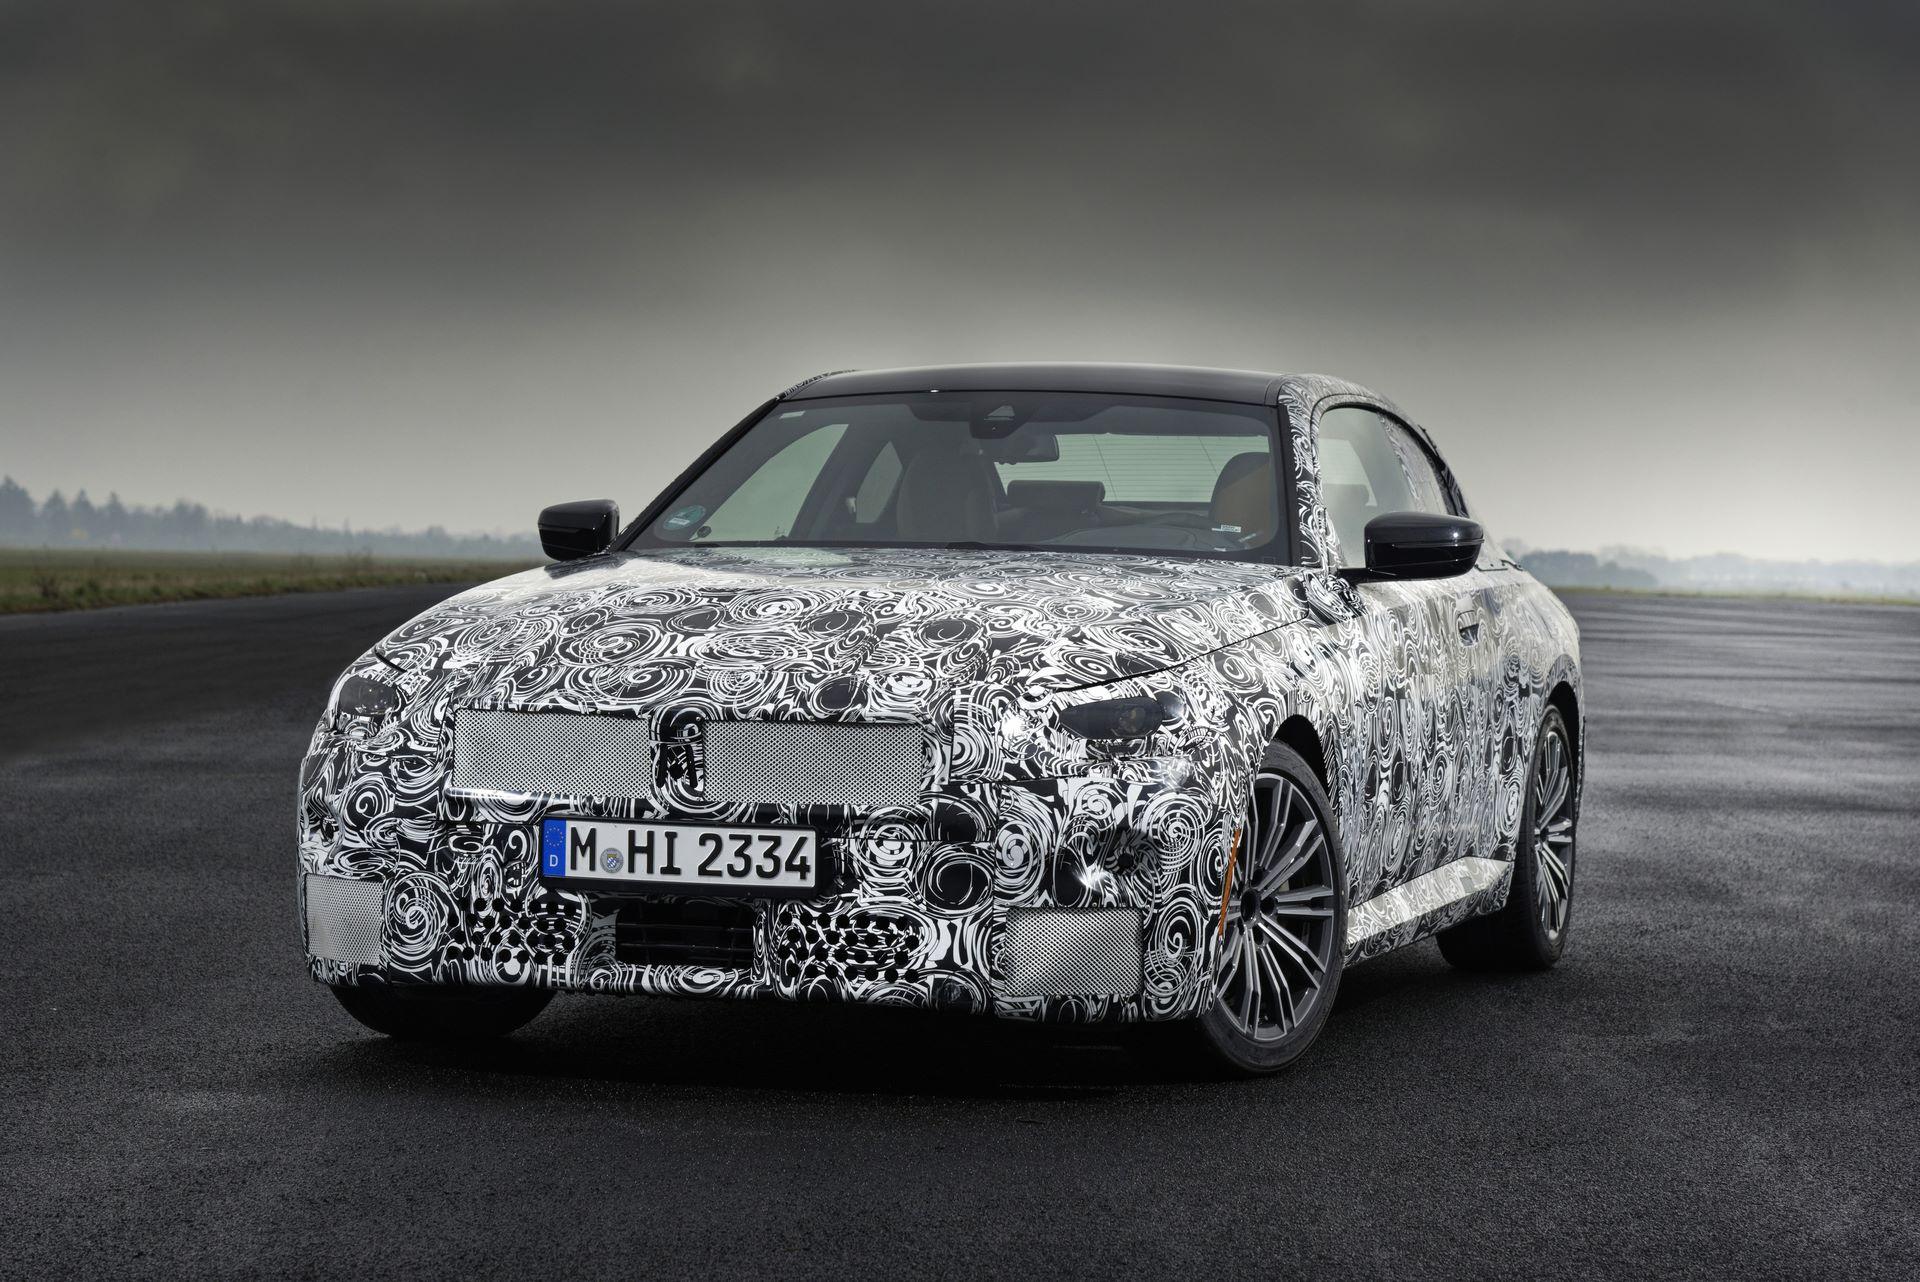 BMW-2-Series-M240i-spy-photos-41